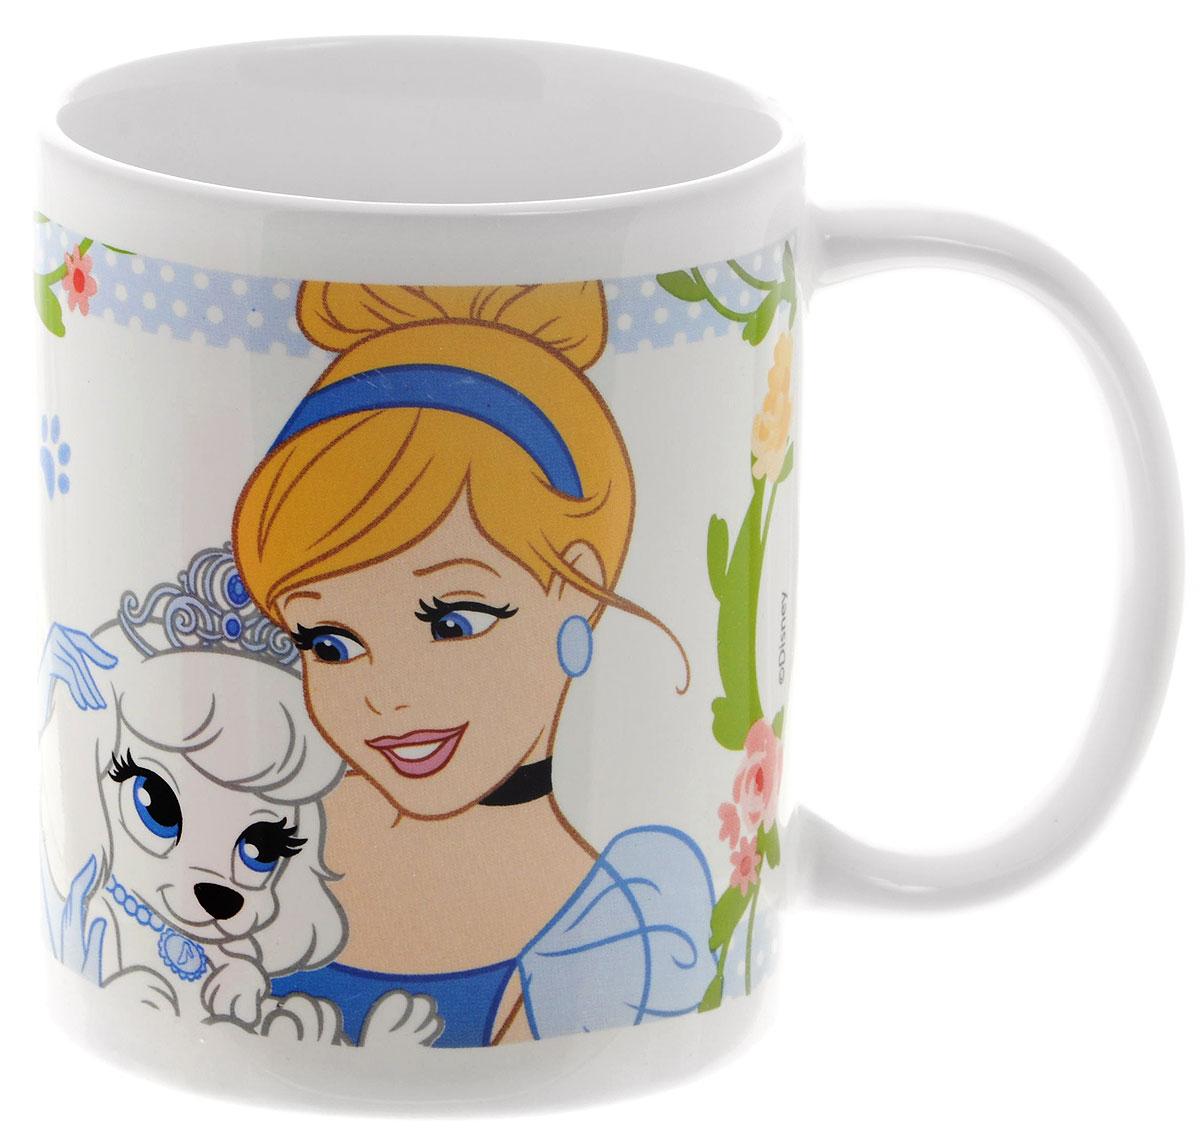 Stor Кружка детская Принцессы и их питомцы 325 мл72905Детская кружка Stor Принцессы и их питомцы с любимыми героями мультфильмов станет отличным подарком для вашей малышки. Она выполнена из керамики и оформлена изображением диснеевских принцесс с их питомцами. Кружка дополнена удобной ручкой. Такой подарок станет не только приятным, но и практичным сувениром: кружка будет незаменимым атрибутом чаепития, а ее оригинальное оформление добавит ярких эмоций и хорошего настроения. Допустимо использование в микроволновой печи и посудомоечной машине.